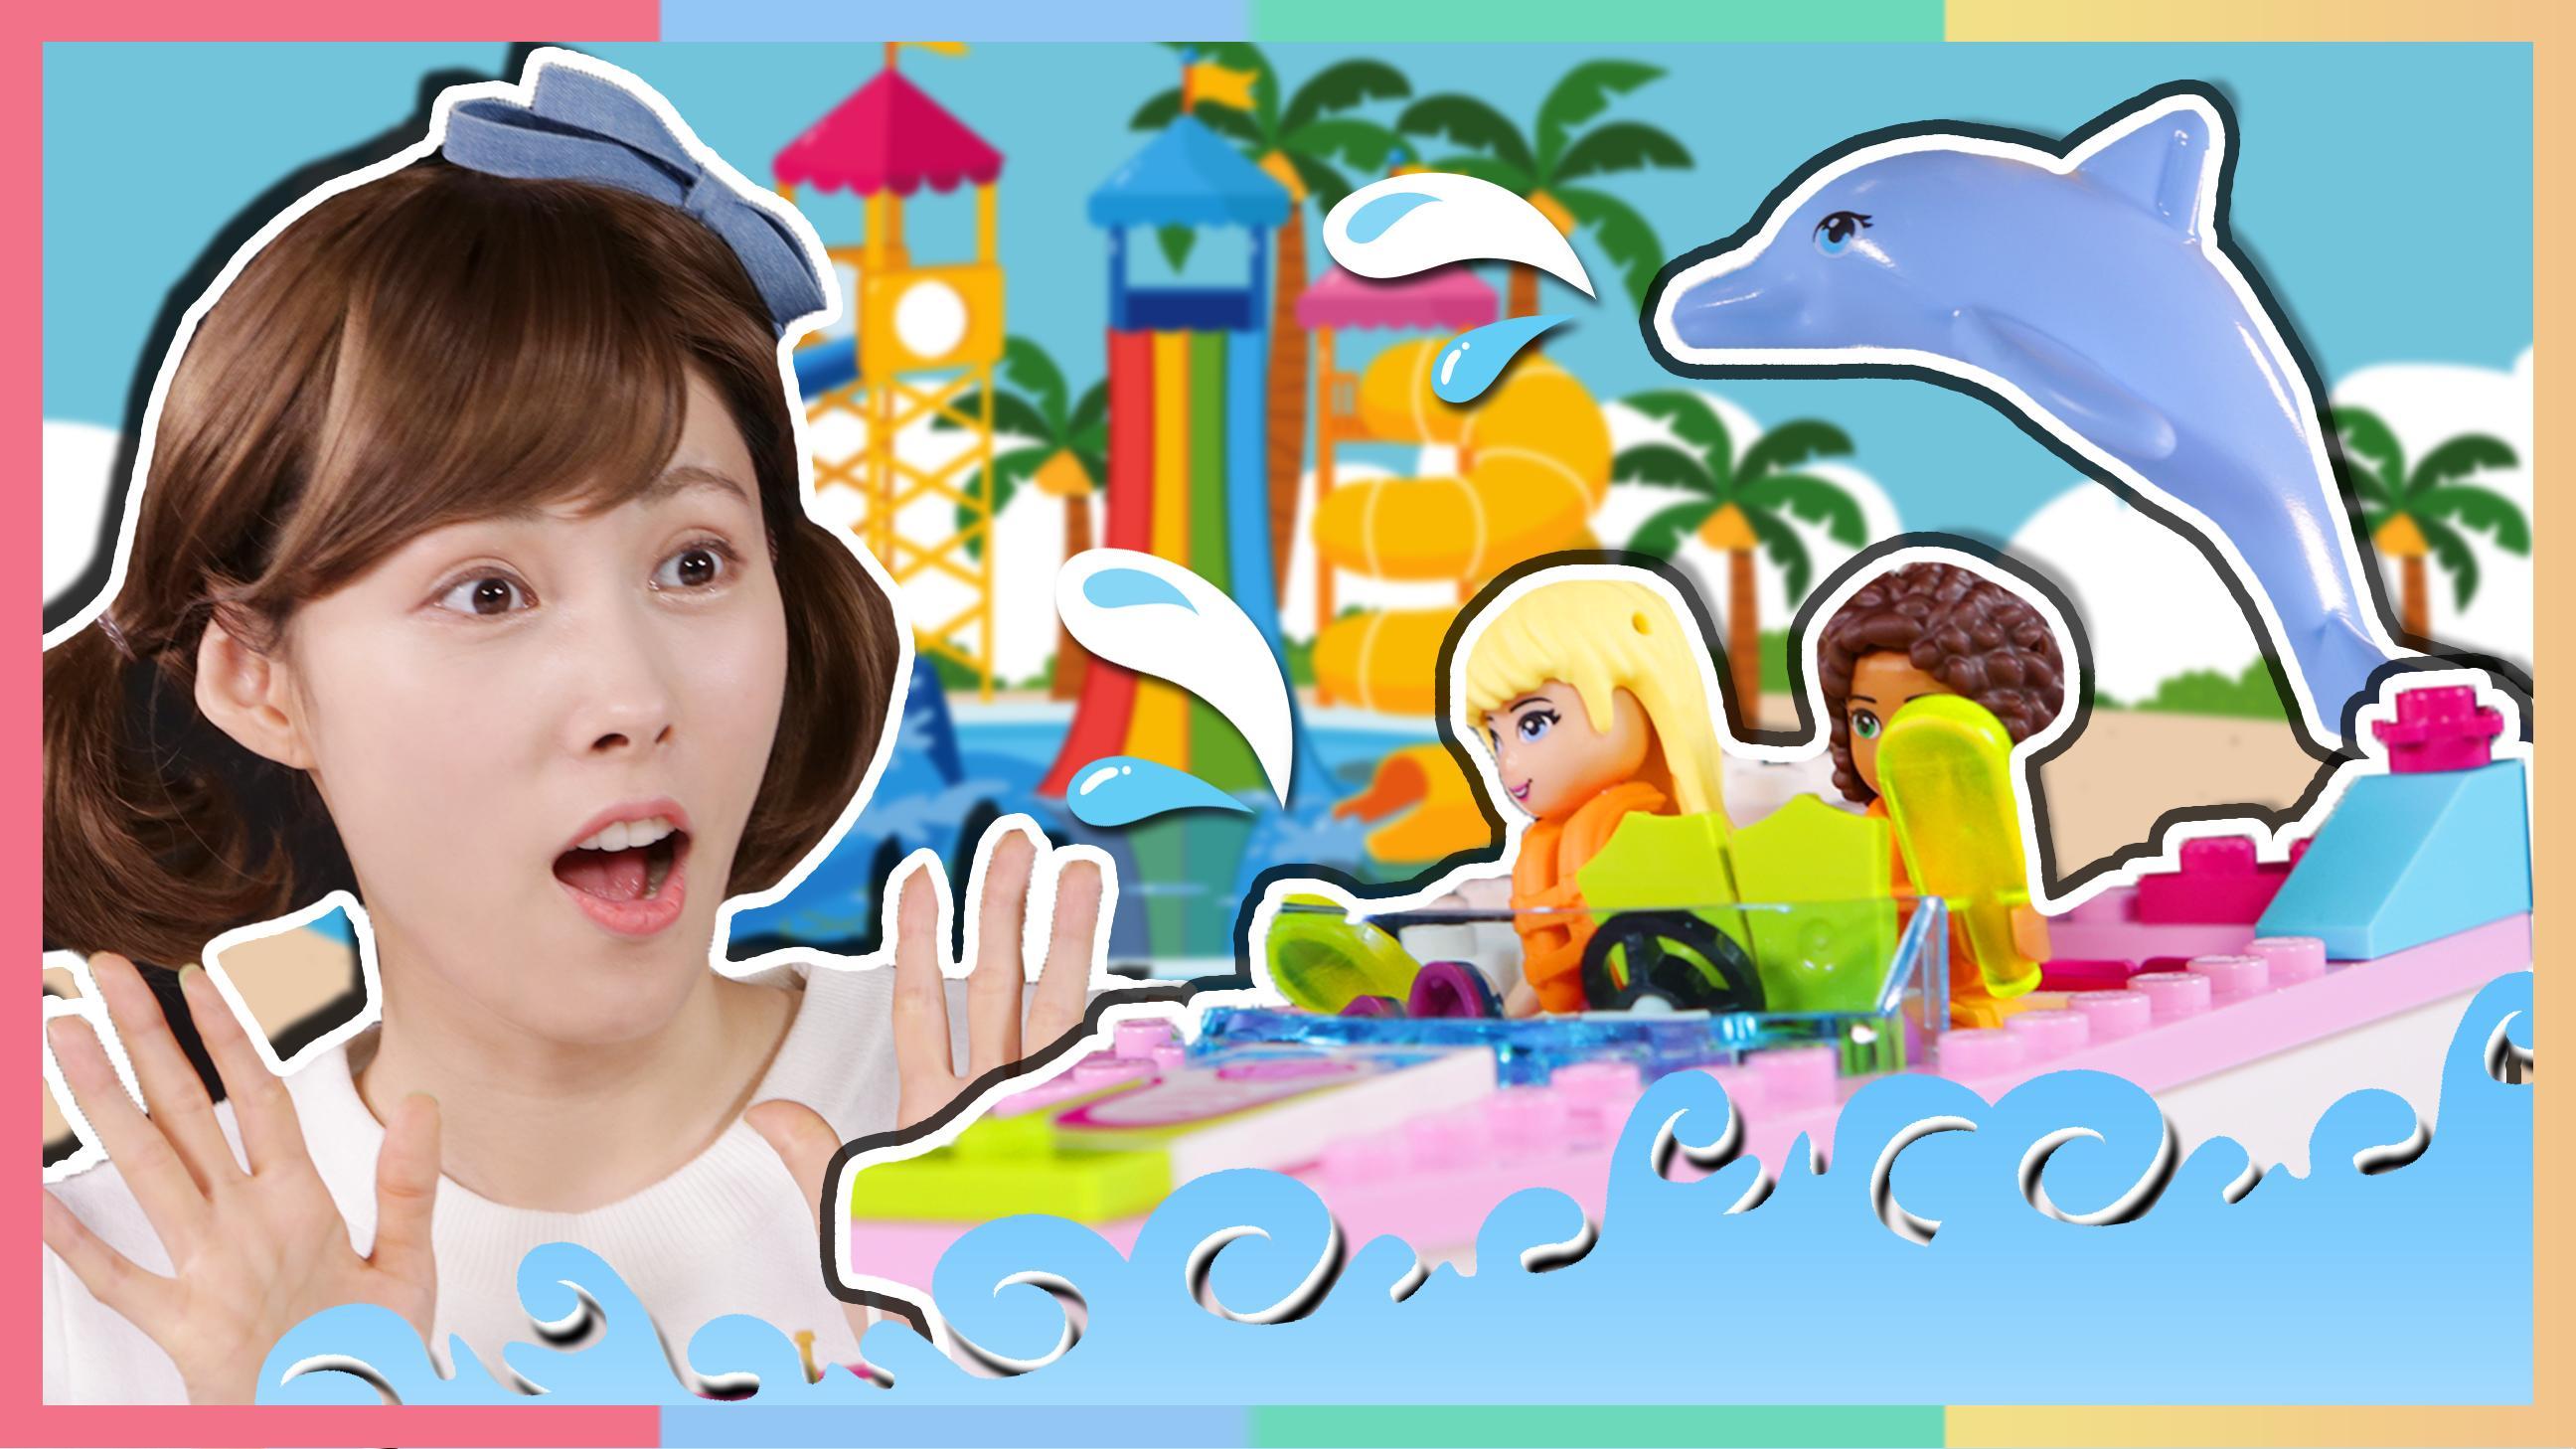 这个夏天绝对不能错过的海洋世界游乐园 | 凯利和玩具朋友们 CarrieAndToys